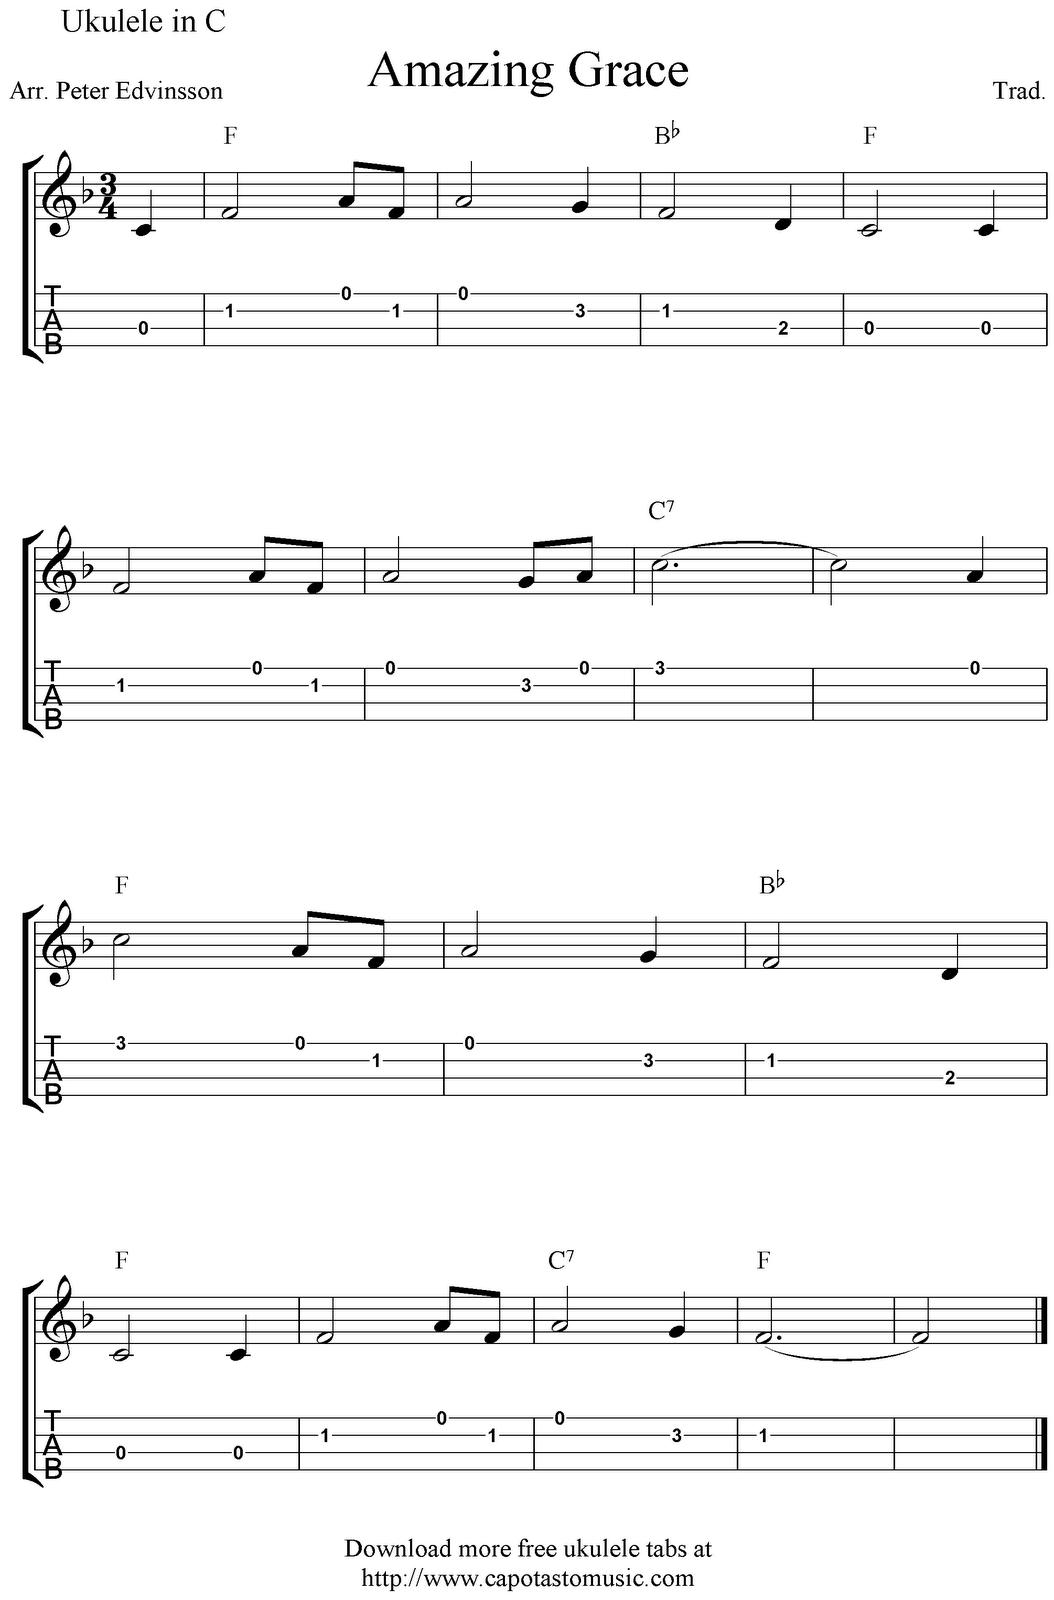 Amazing Grace Ukulele Sheet Music